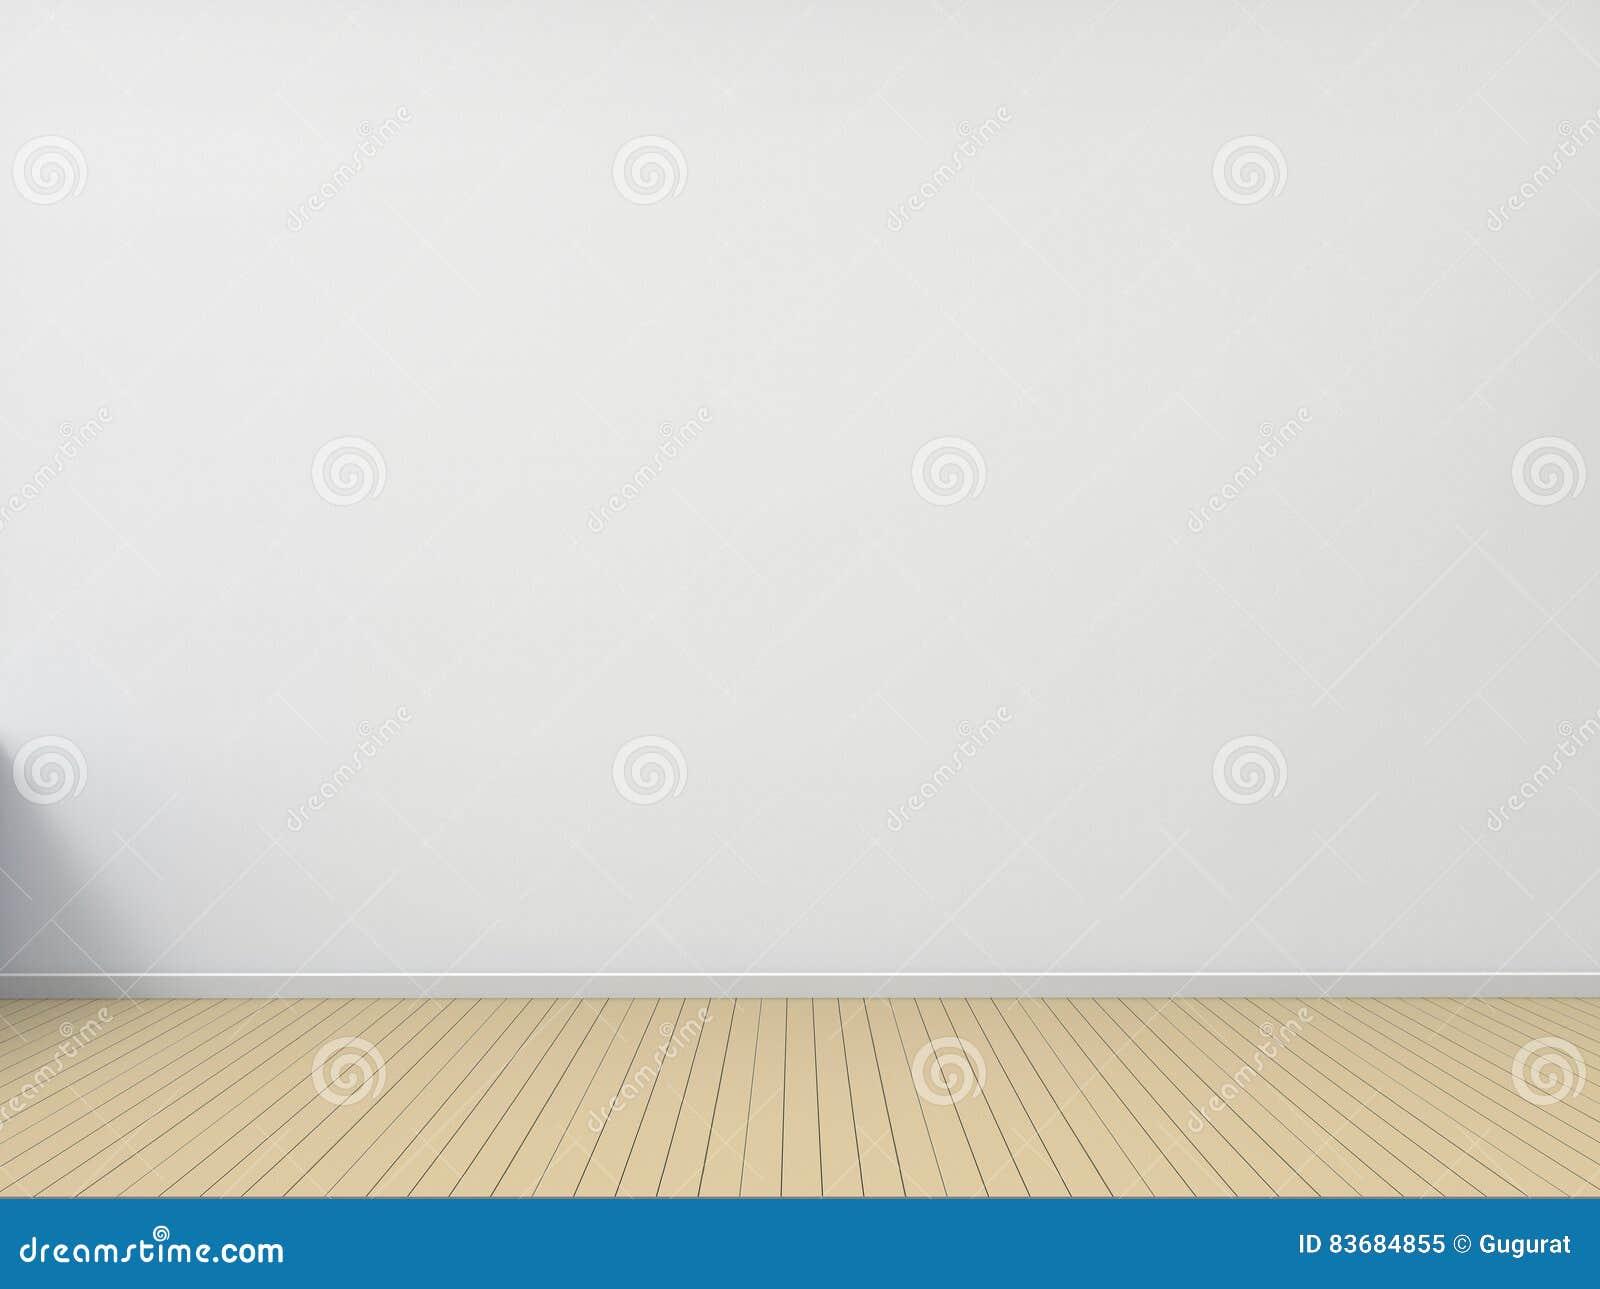 Lege Zaal Houten Vloer Met Witte Muur Eigentijdse Woonkamer Stock Illustratie   Afbeelding  83684855